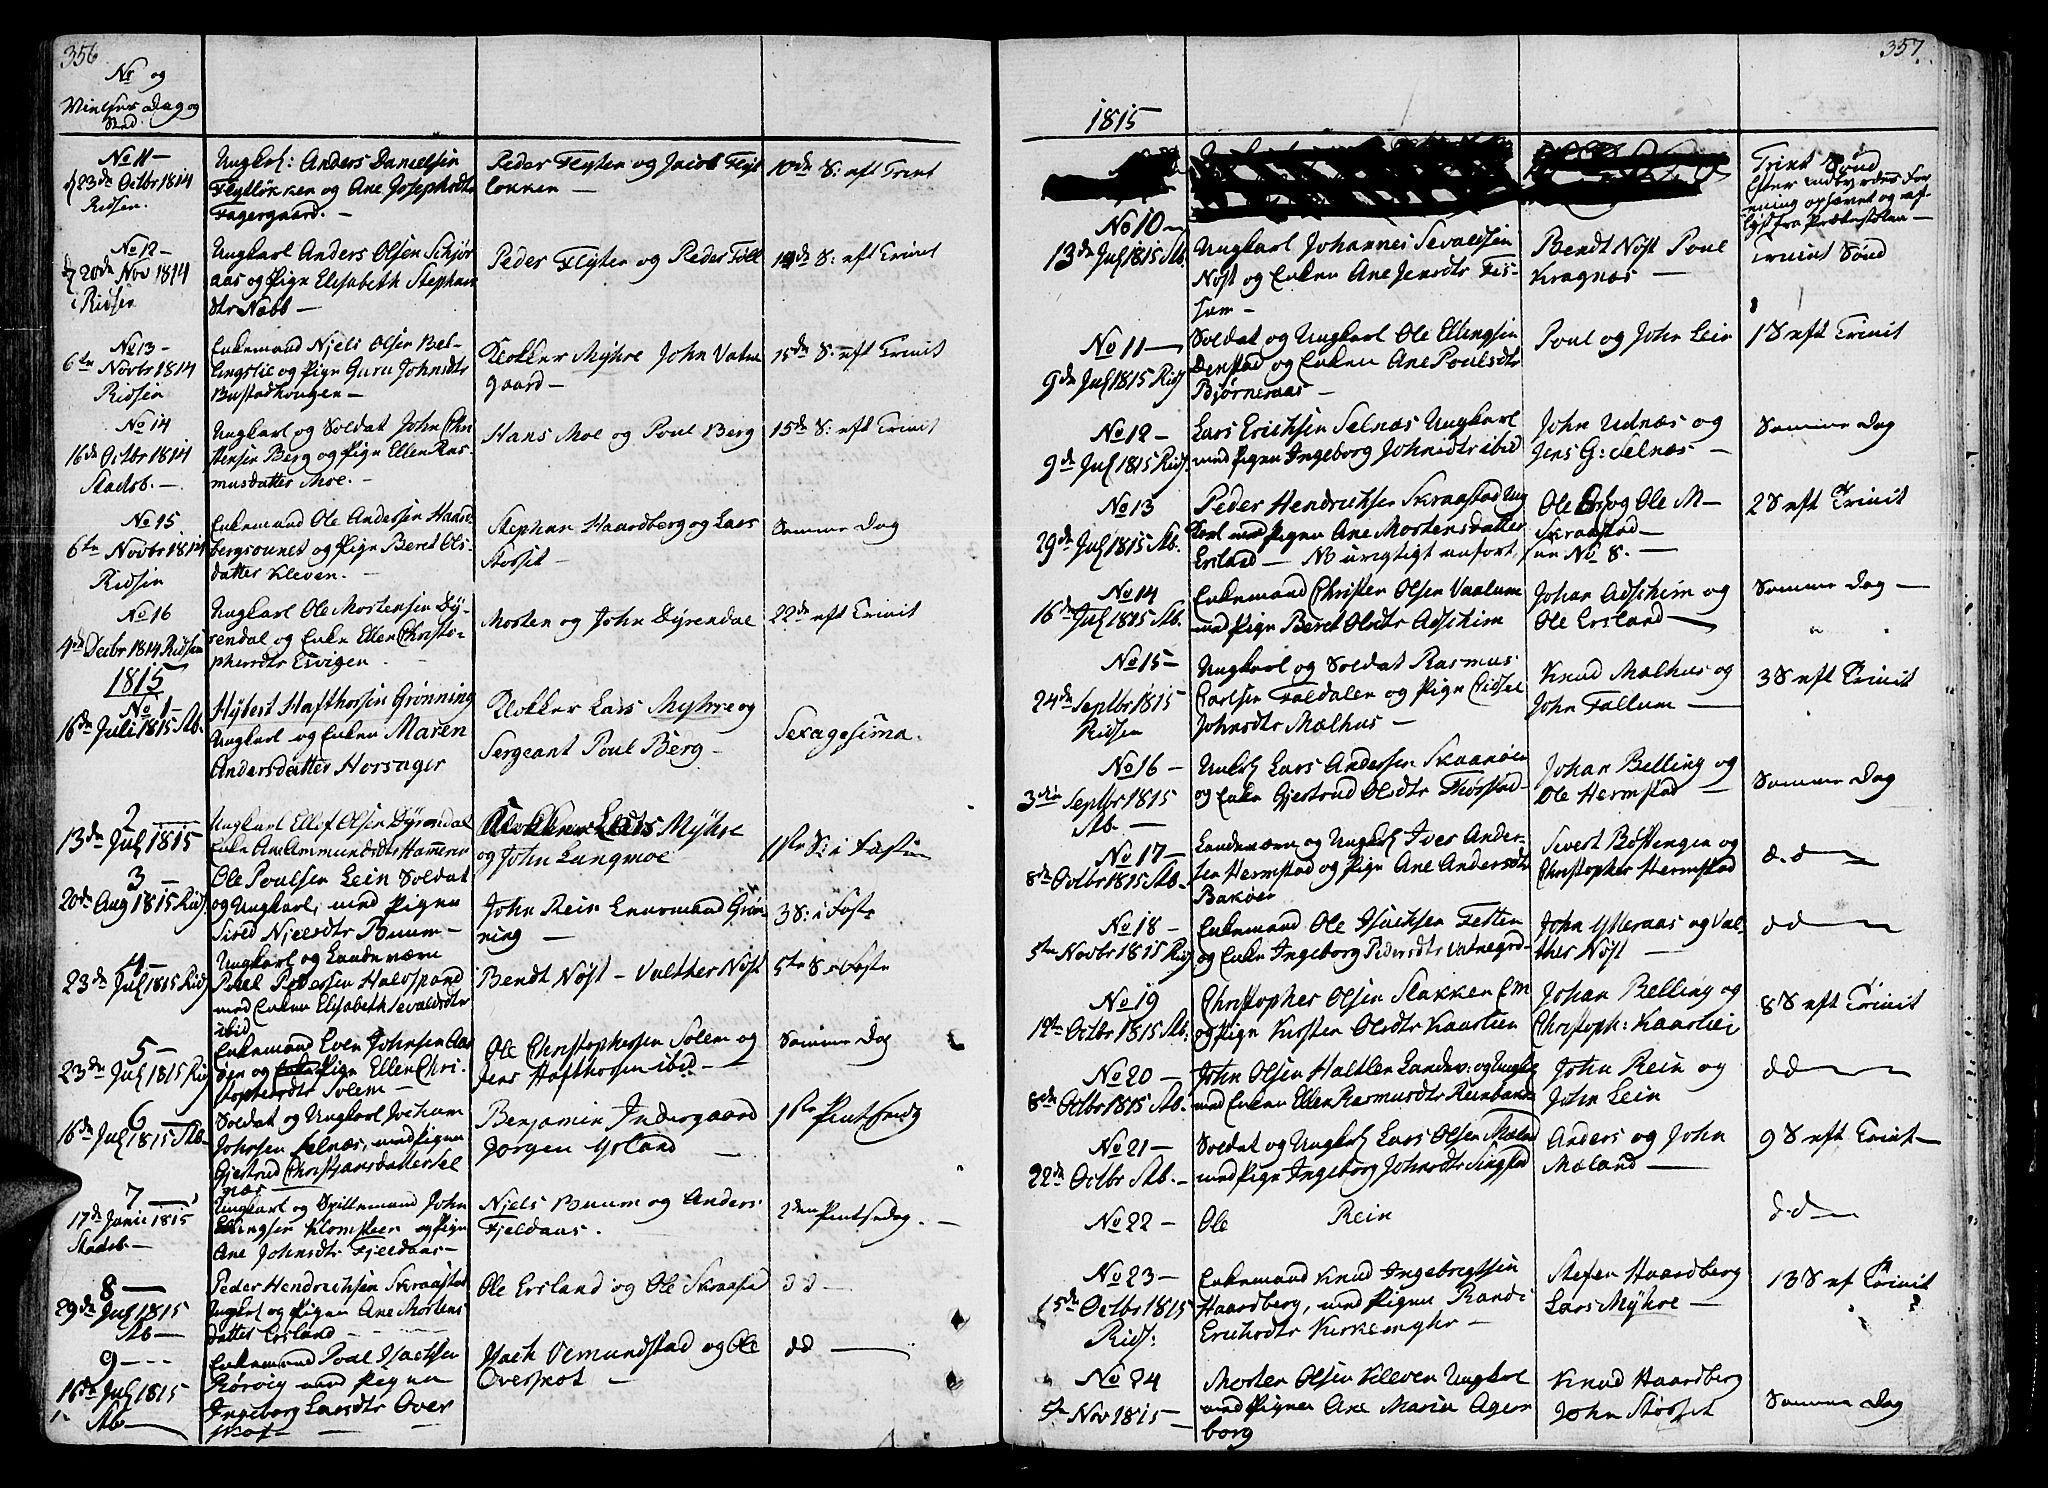 SAT, Ministerialprotokoller, klokkerbøker og fødselsregistre - Sør-Trøndelag, 646/L0607: Ministerialbok nr. 646A05, 1806-1815, s. 356-357